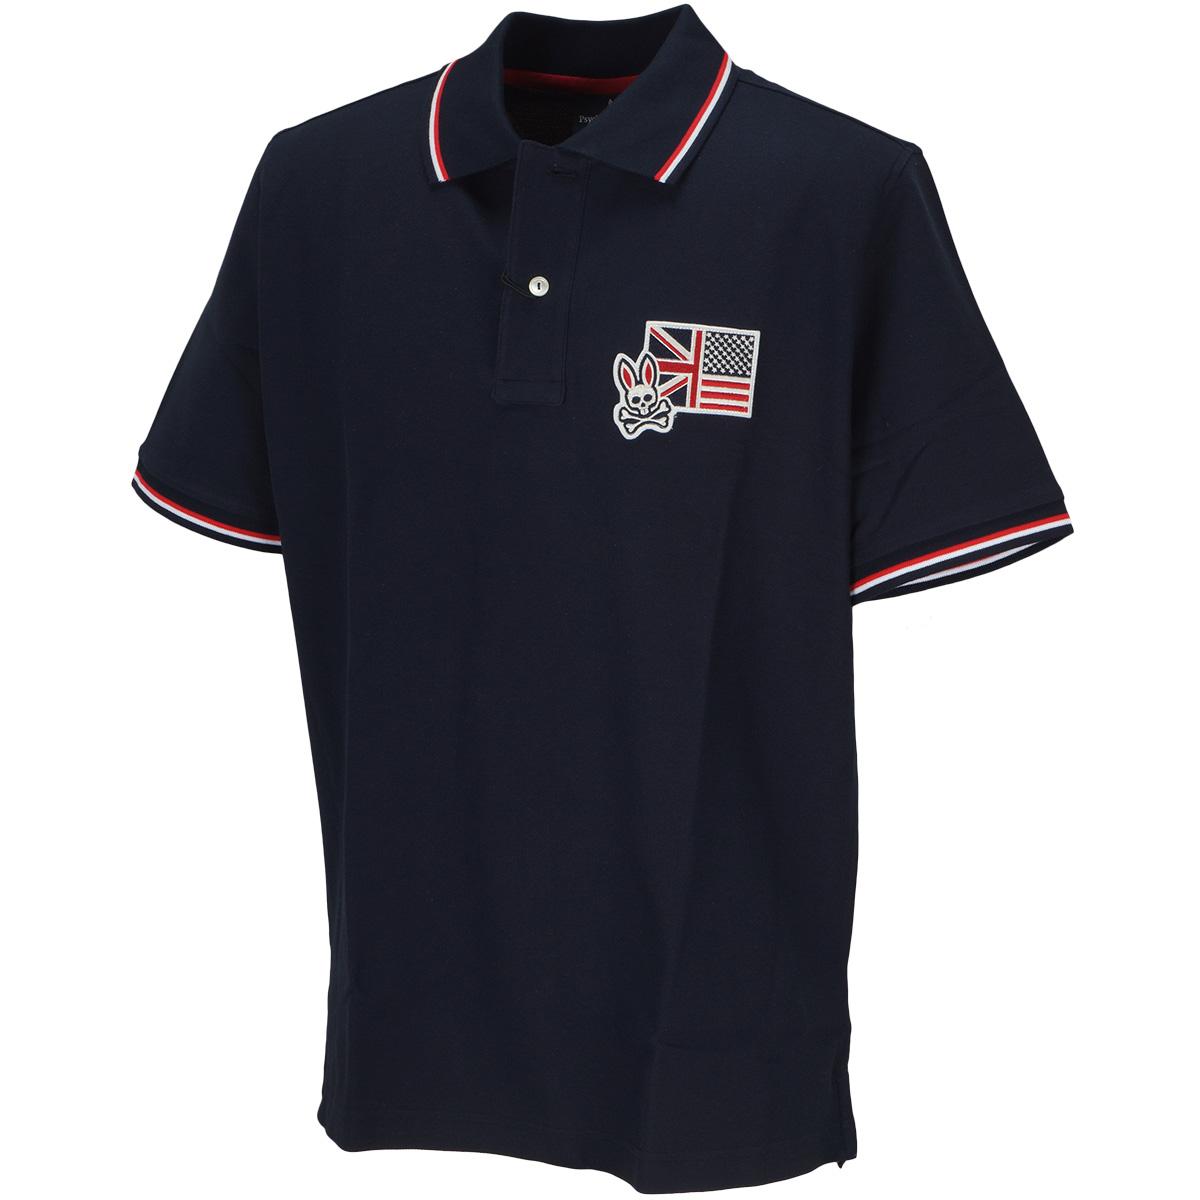 アングロフラッグ 半袖ポロシャツ